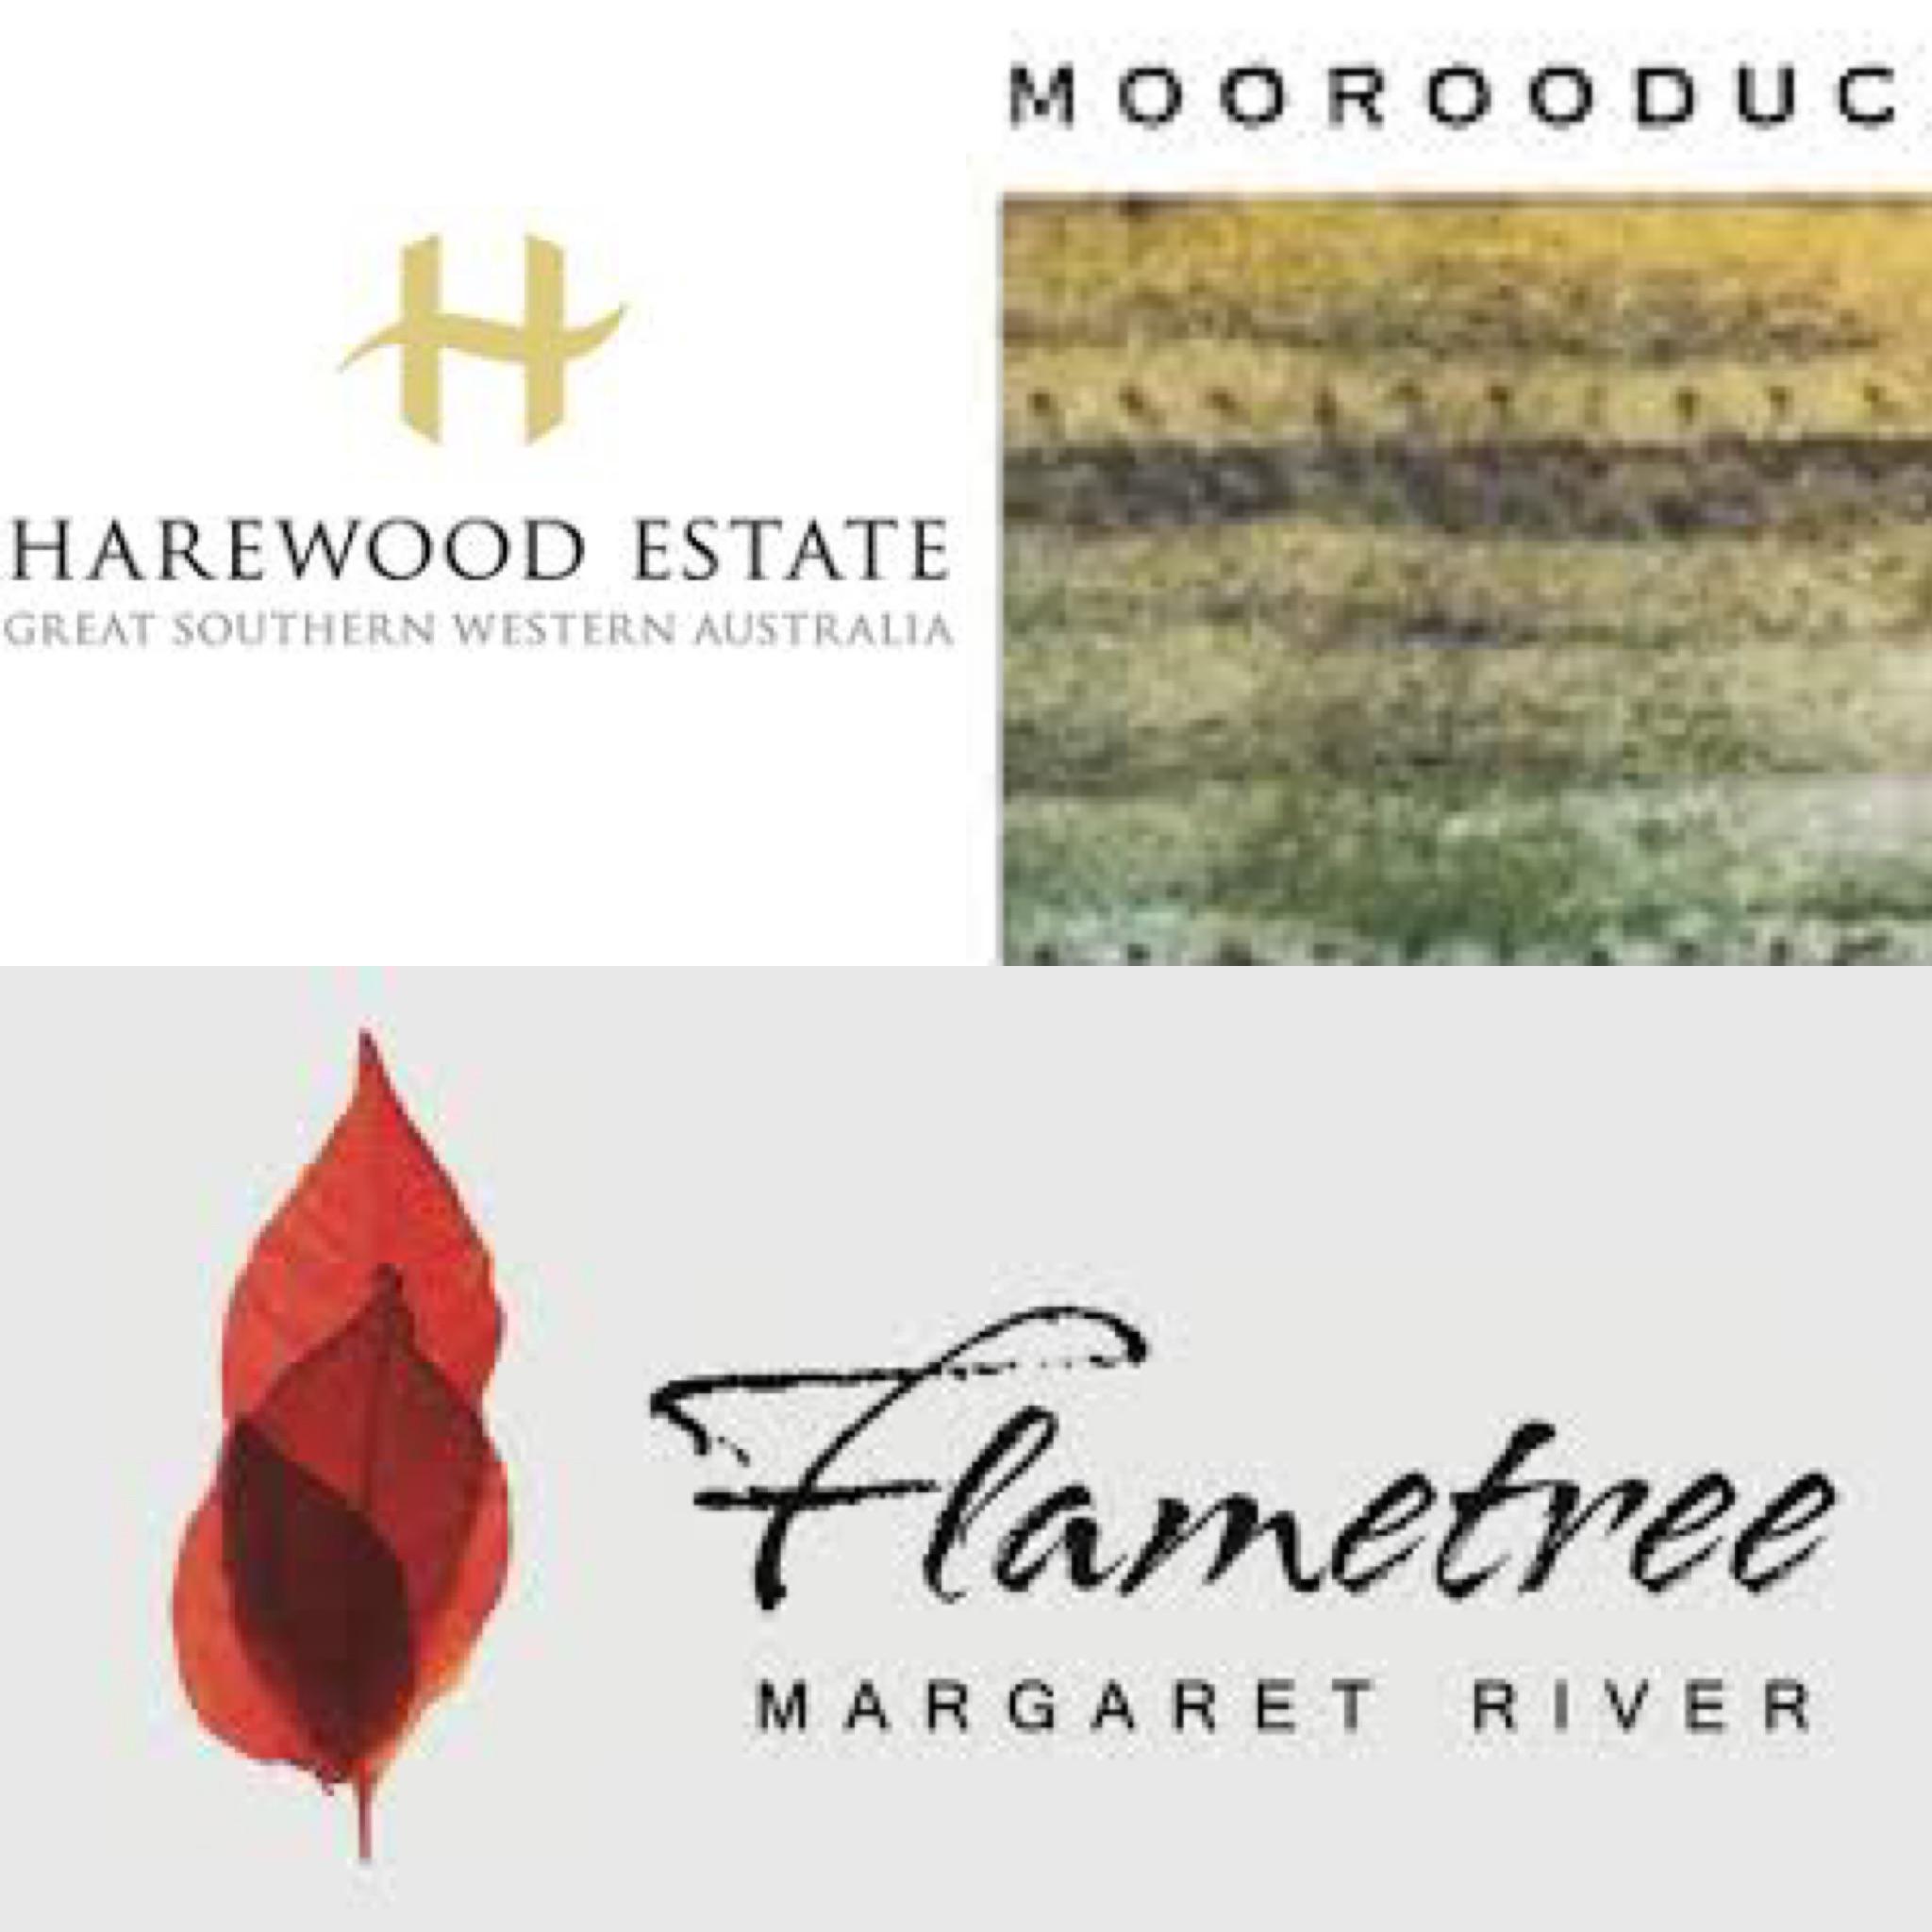 New Release!! Australian Fine Wine Case Deal